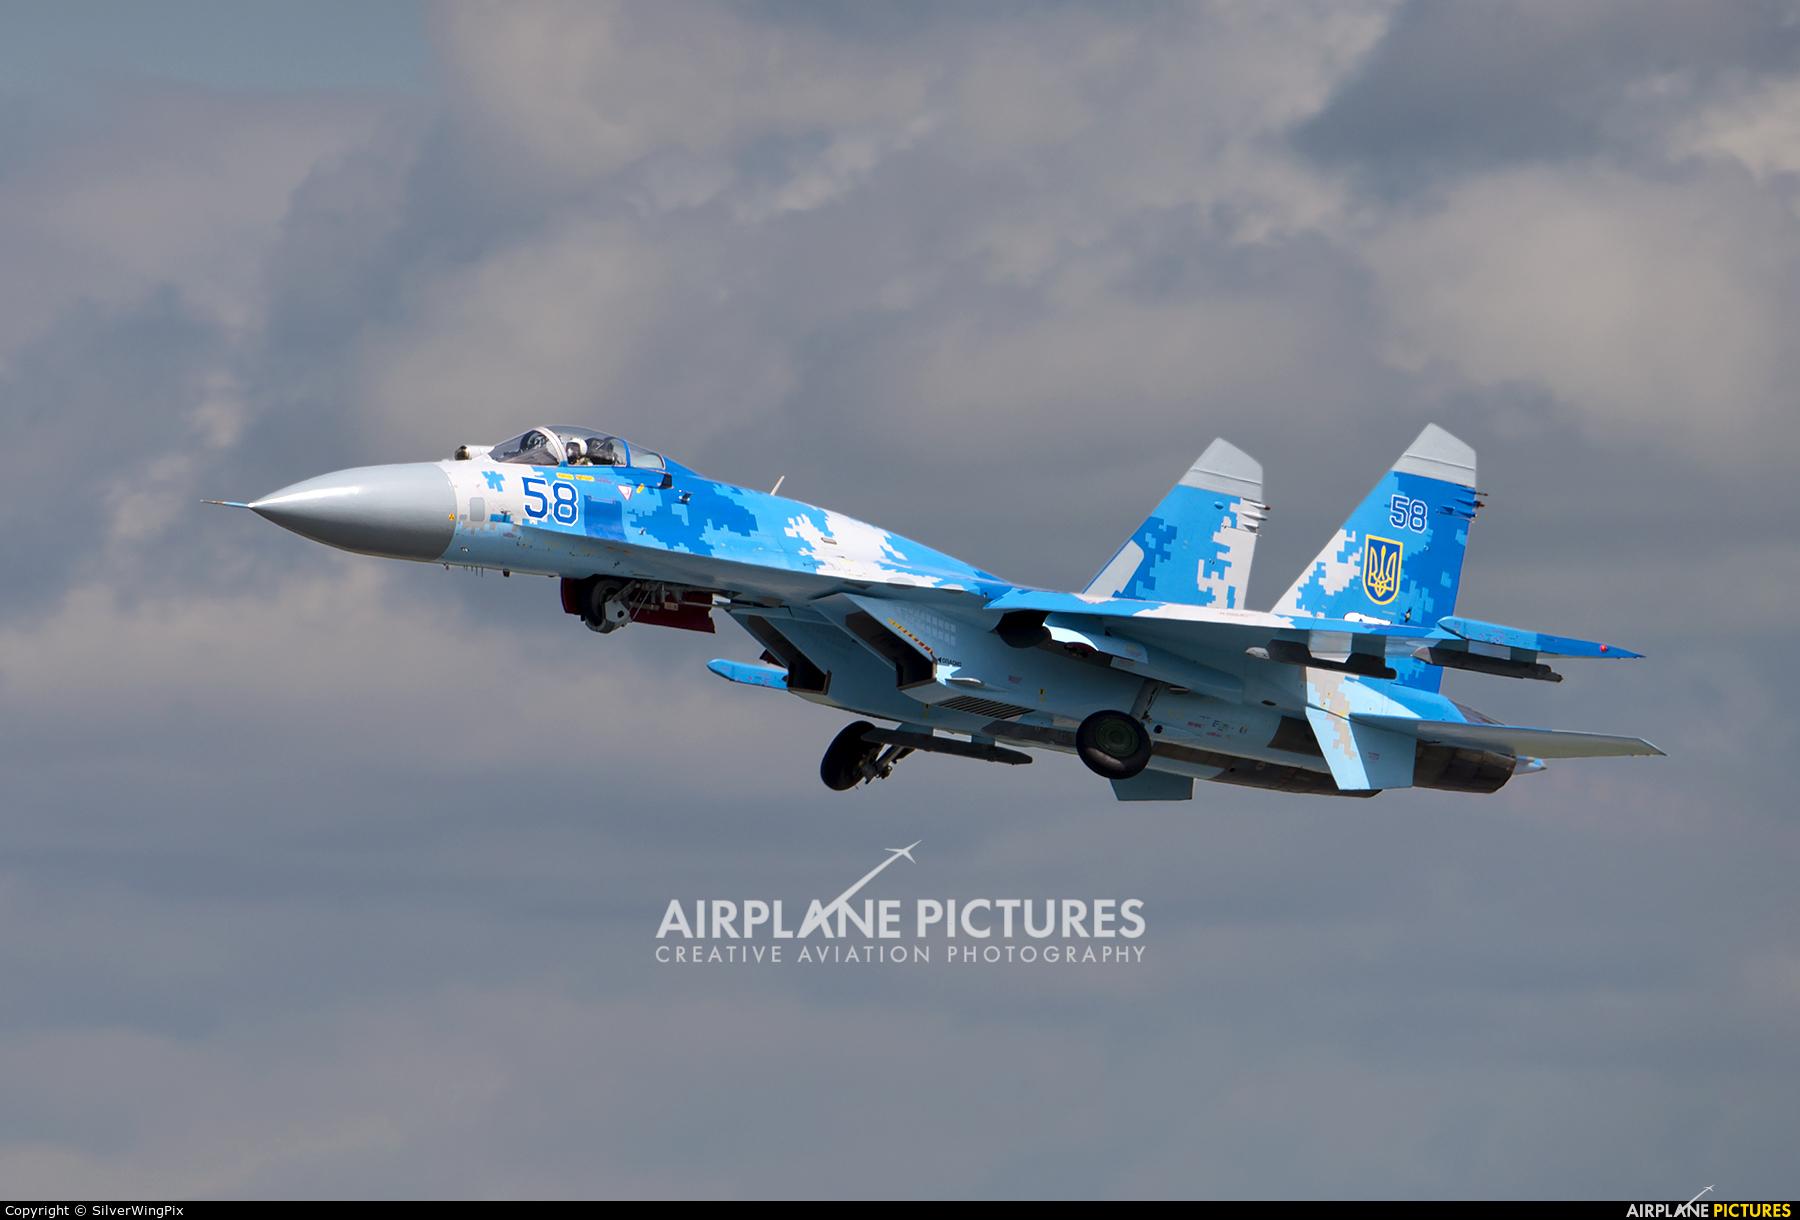 Ukraine - Air Force 58 aircraft at Skrydstrup